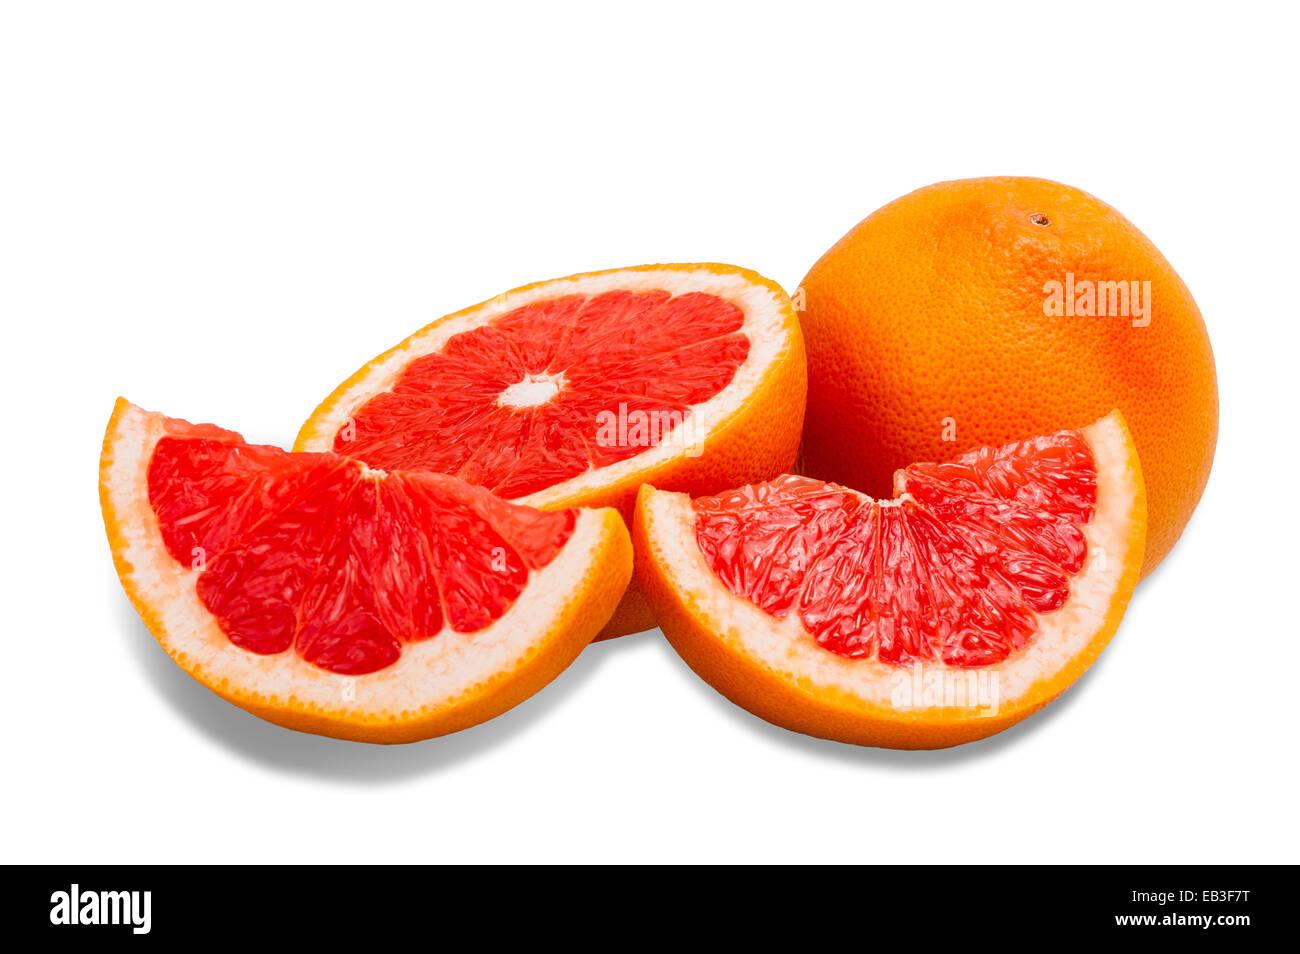 Ripe grapefruit sliced isolated on white background - Stock Image